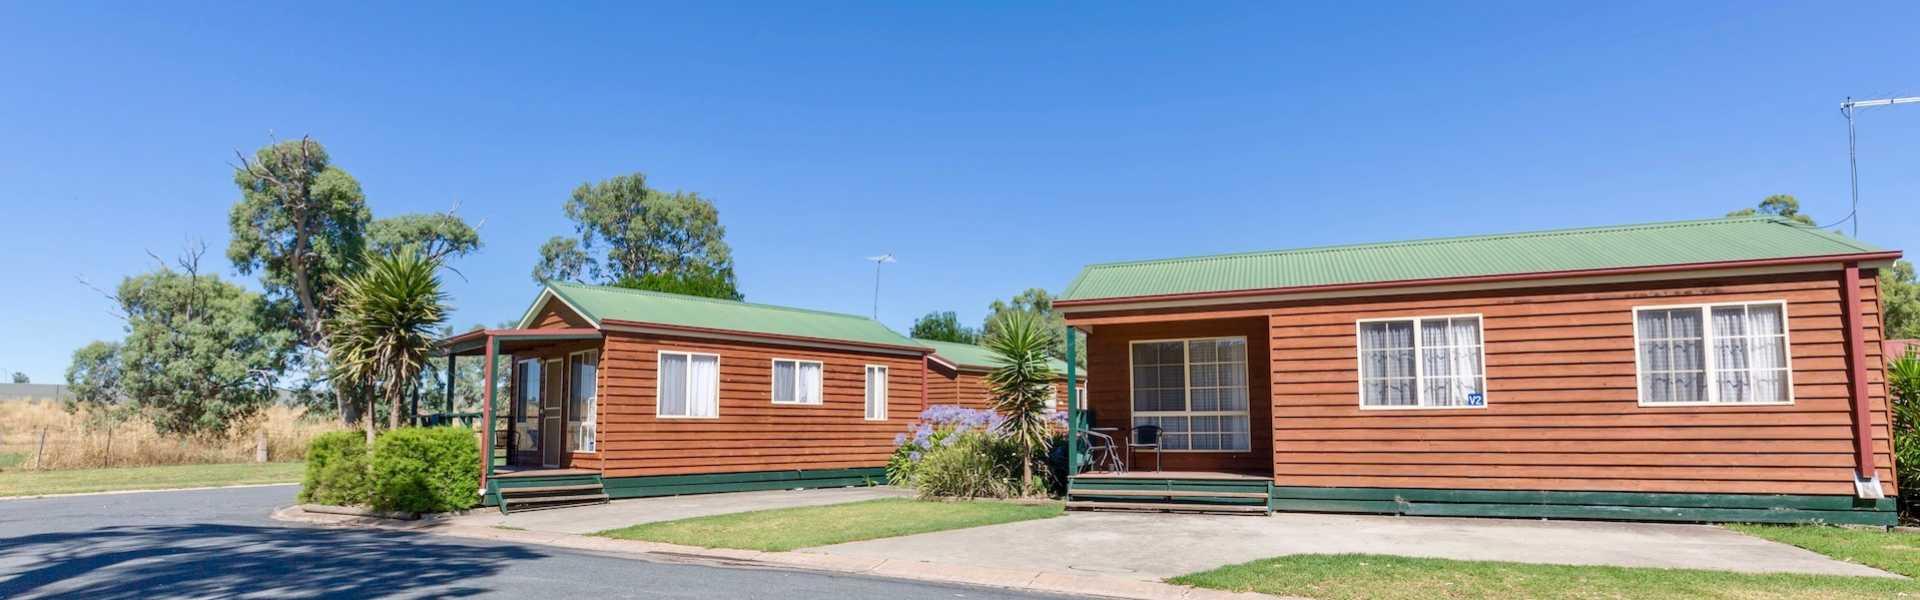 Kui Parks, Holbrook Motor Village, Holbrook NSW